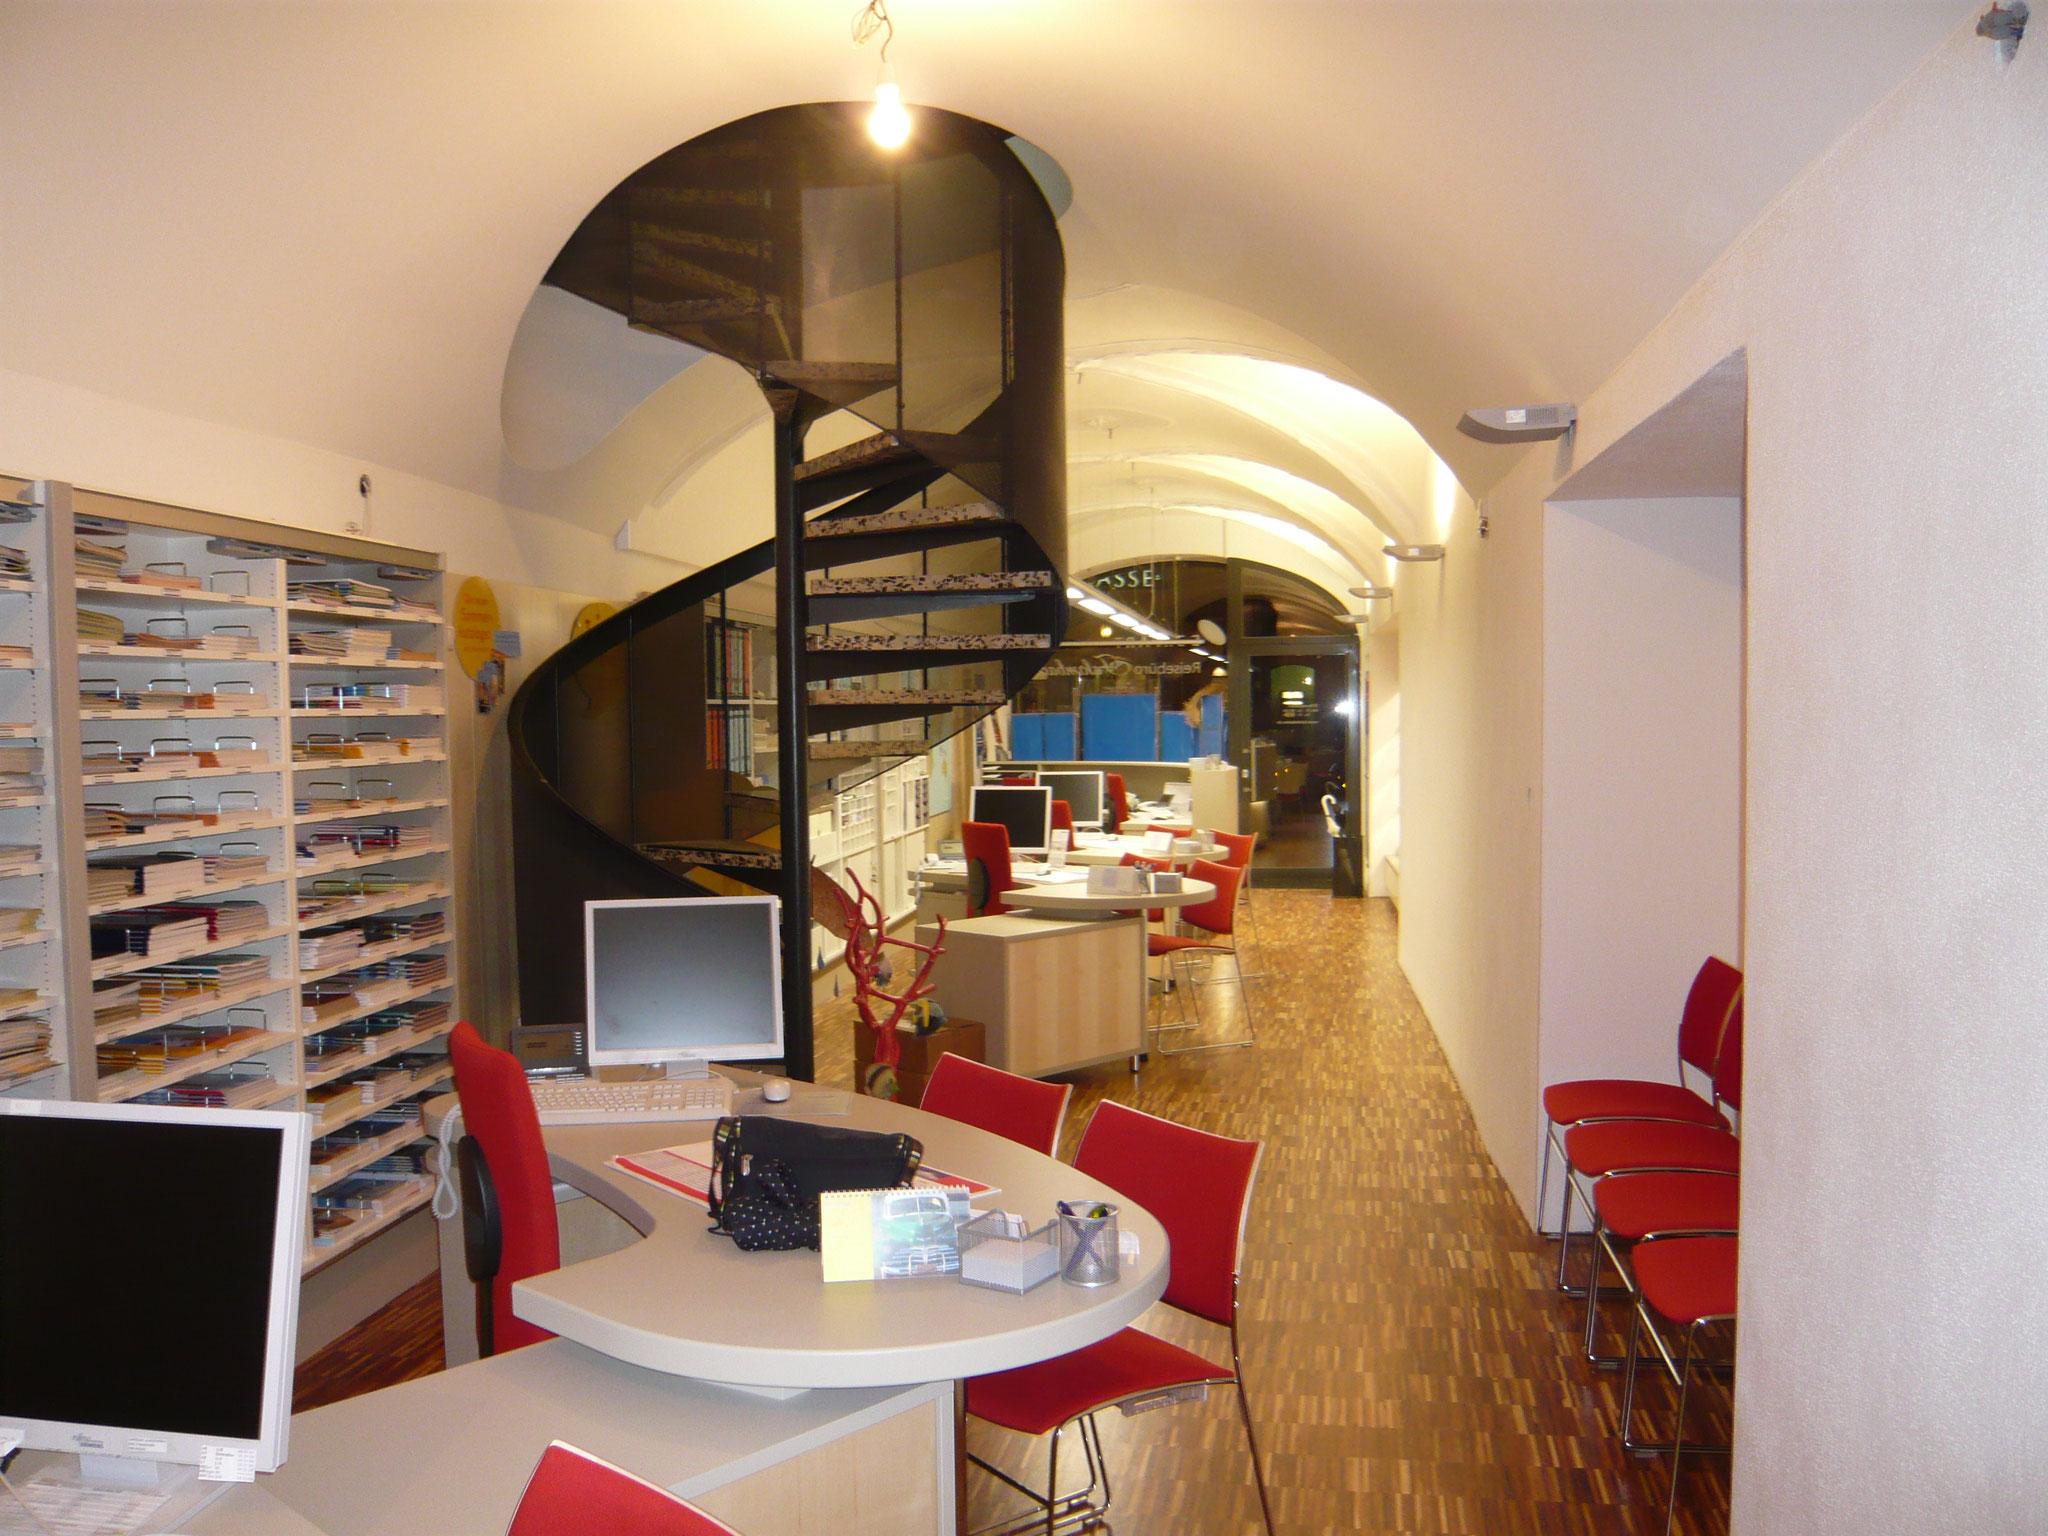 Reisebüro, Landshut